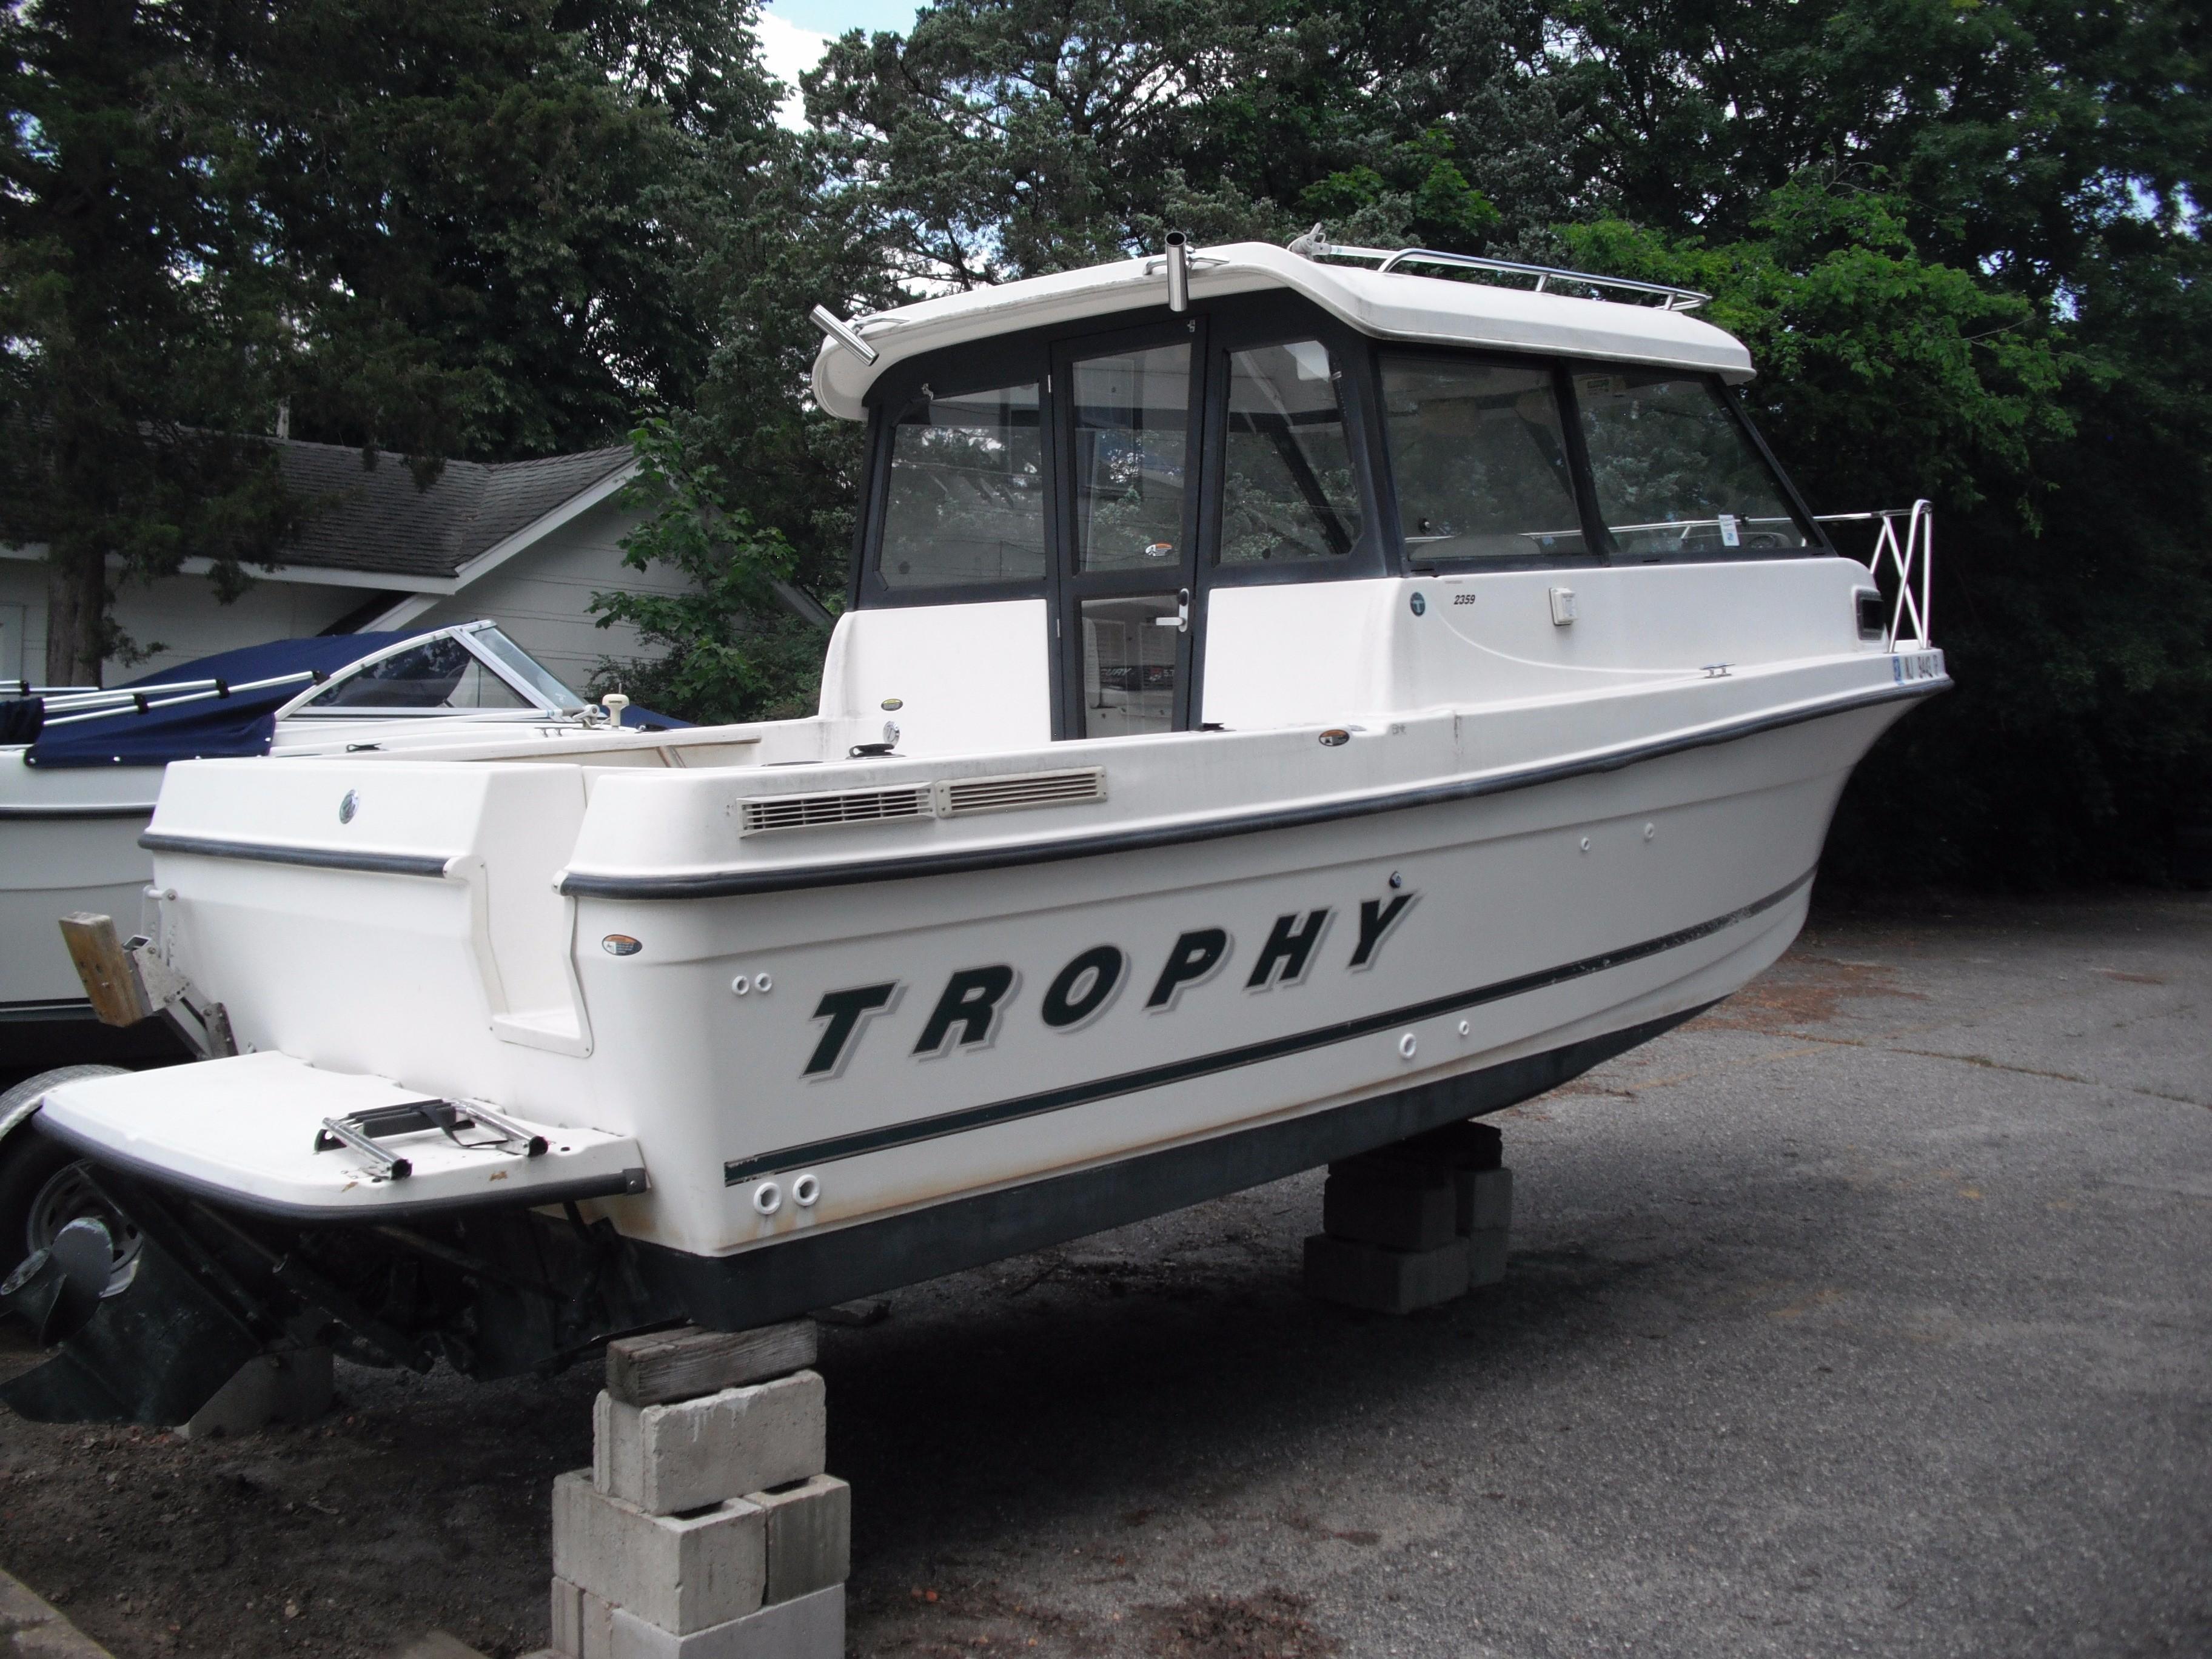 2001 Trophy 2359 Hardtop WA Power Boat For Sale Www